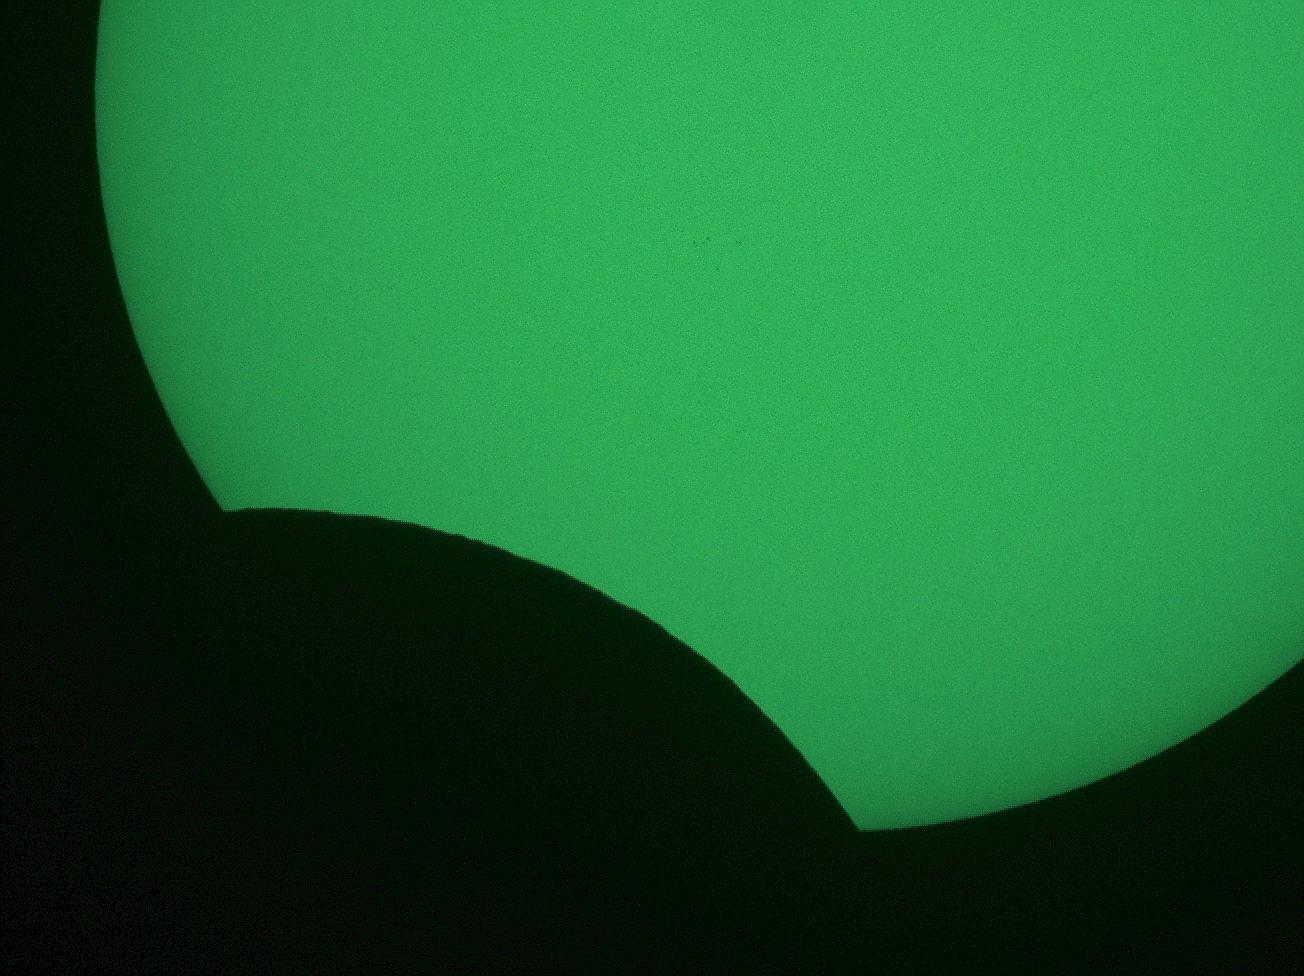 Eclipse_20210610.jpg